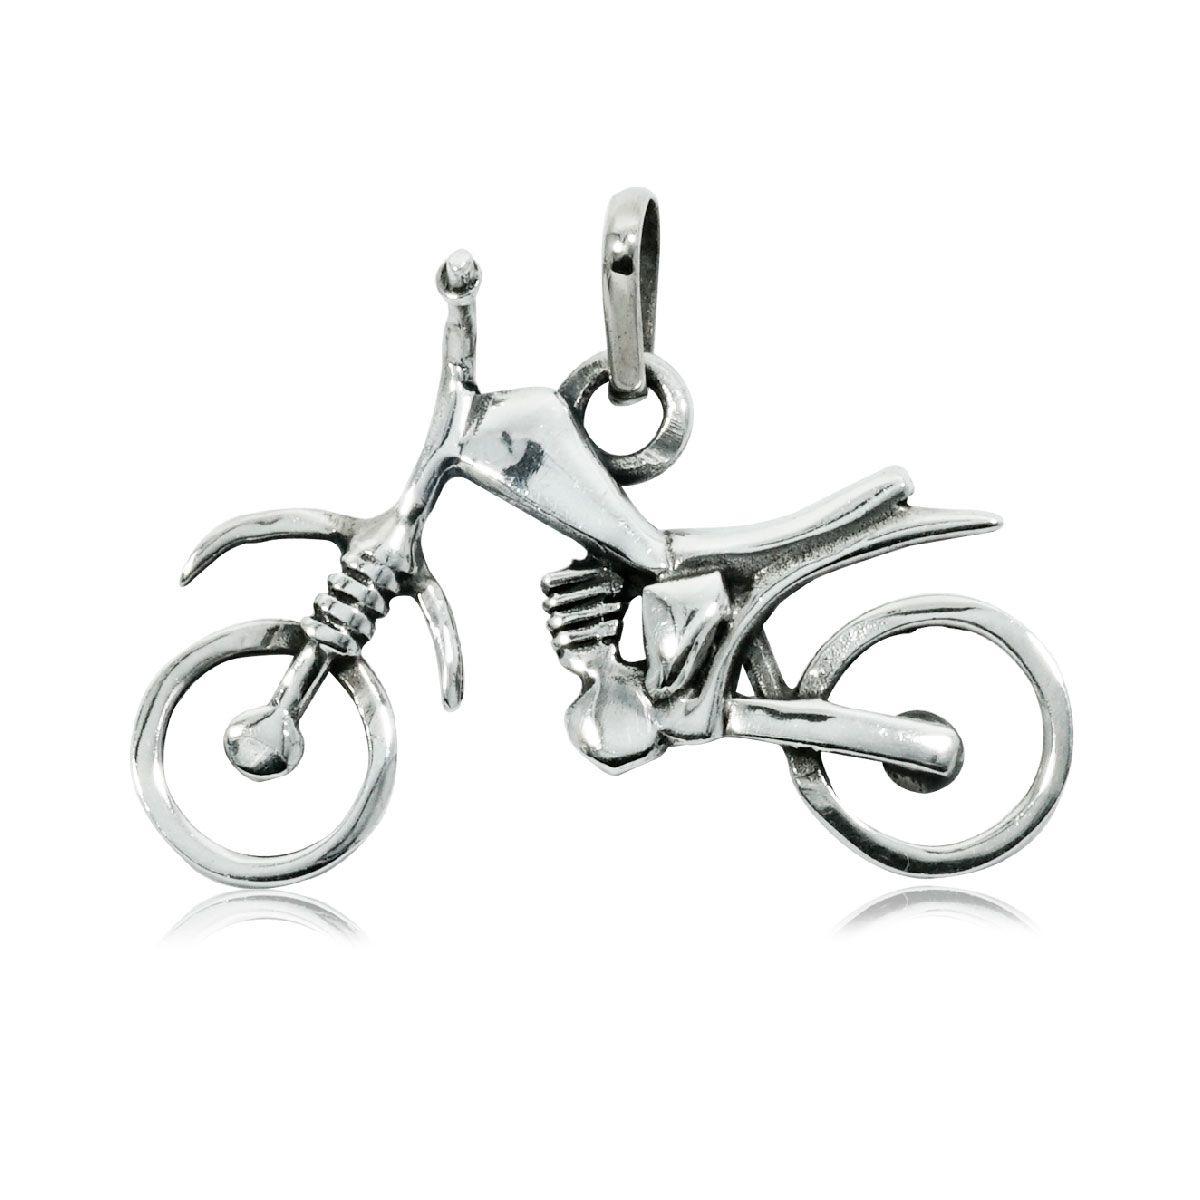 Pingente de Motocross Fora-de-estrada Moto Velocidade - 95883